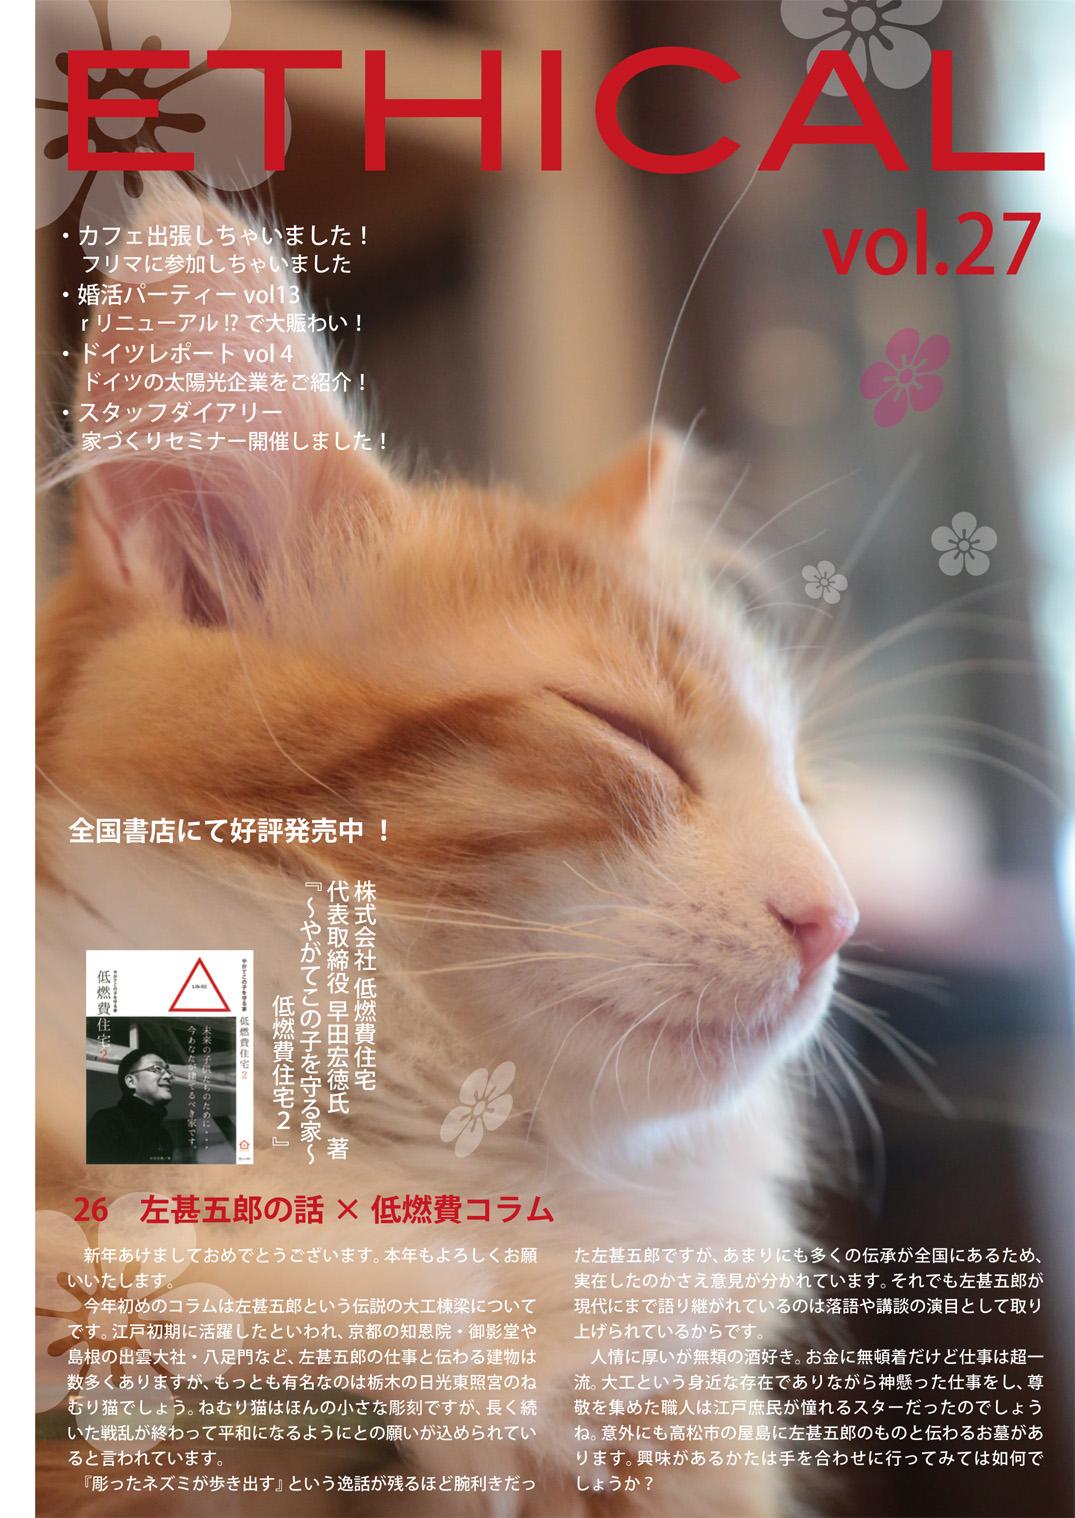 エシカル vol.27